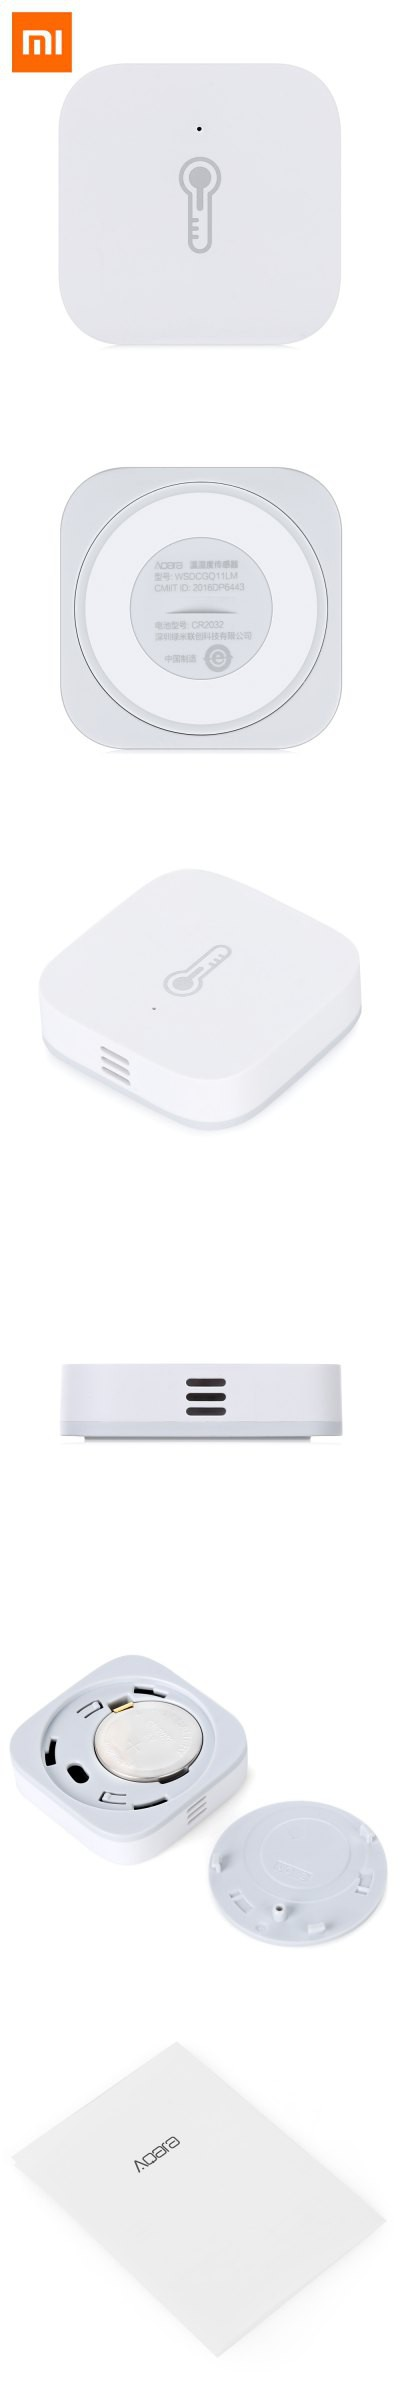 Xiaomi Aqara Temperature Humidity Sensor-9 99 | Xiaomi